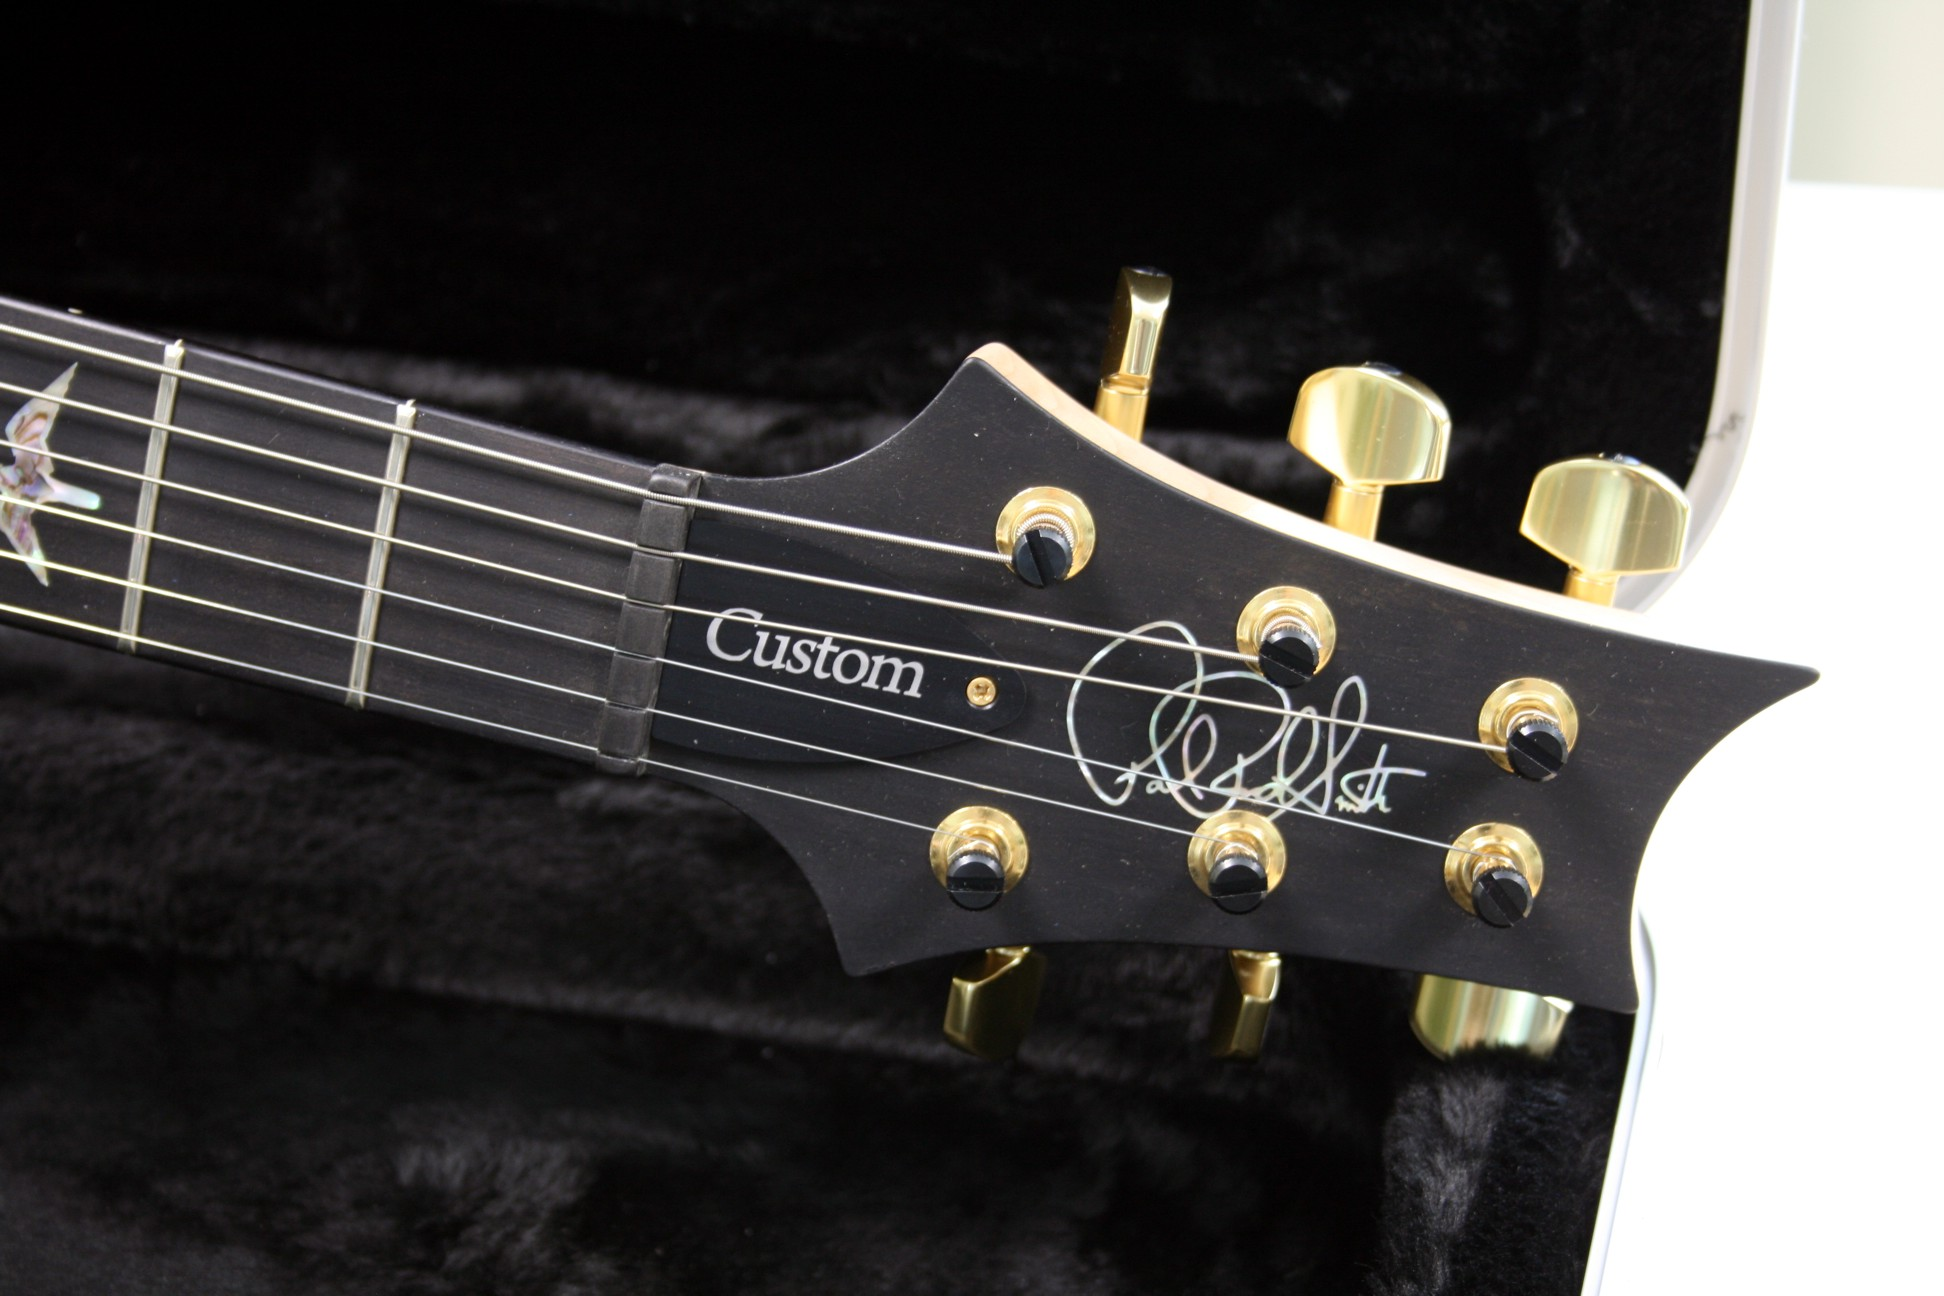 Fantastisch Prs Custom 24 Gitarren Pickups Schaltplan Fotos ...